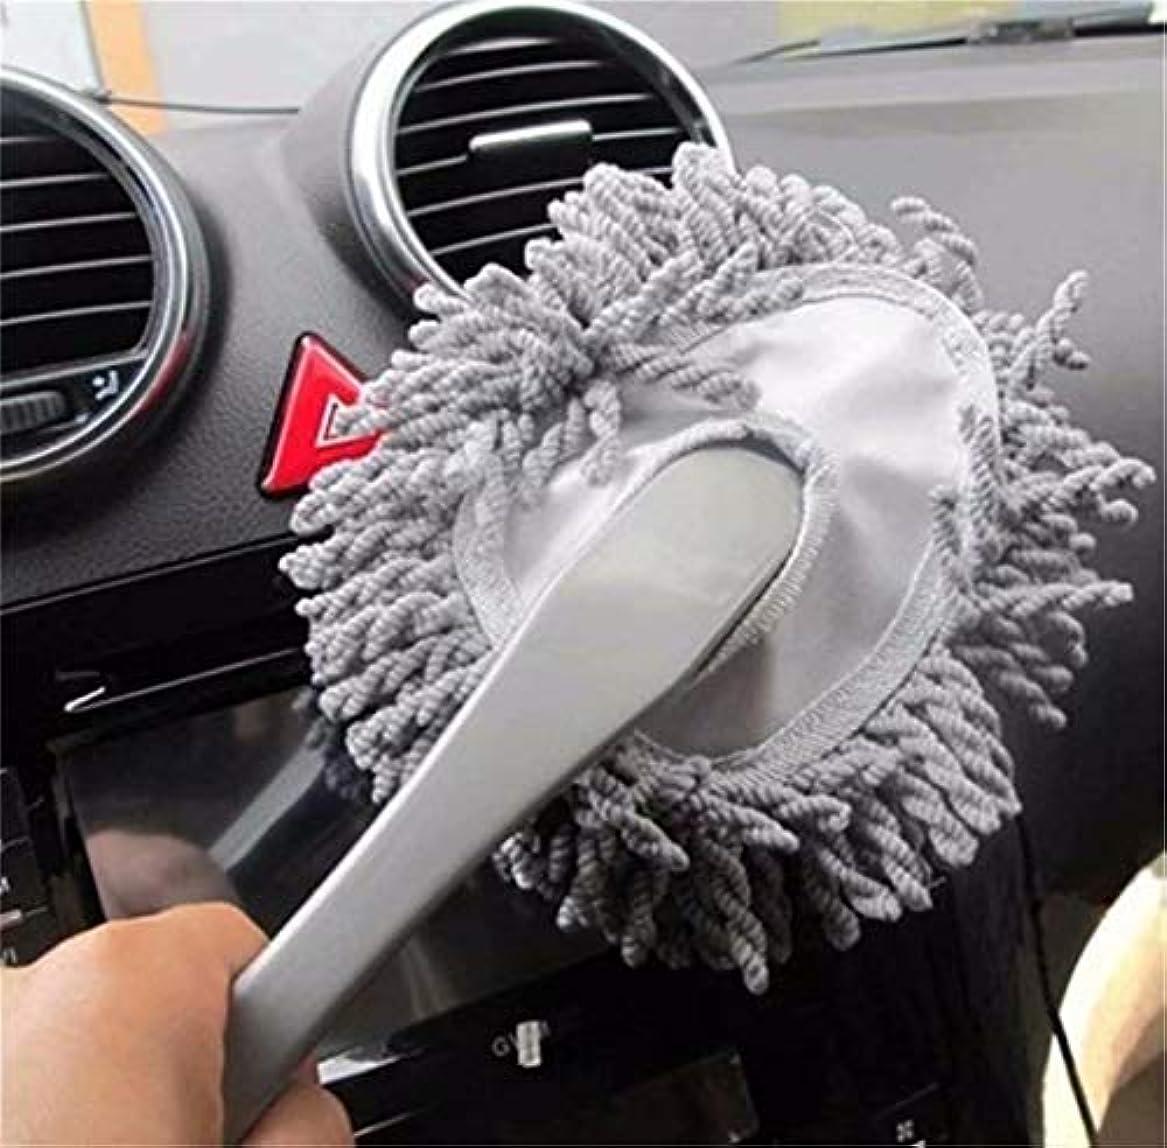 プラス全体に少ない七里の香 クリーニング ウォッシュブラシ 自動車 グレー マイクロファイバー ダスター 粉塵 クリーニングツール